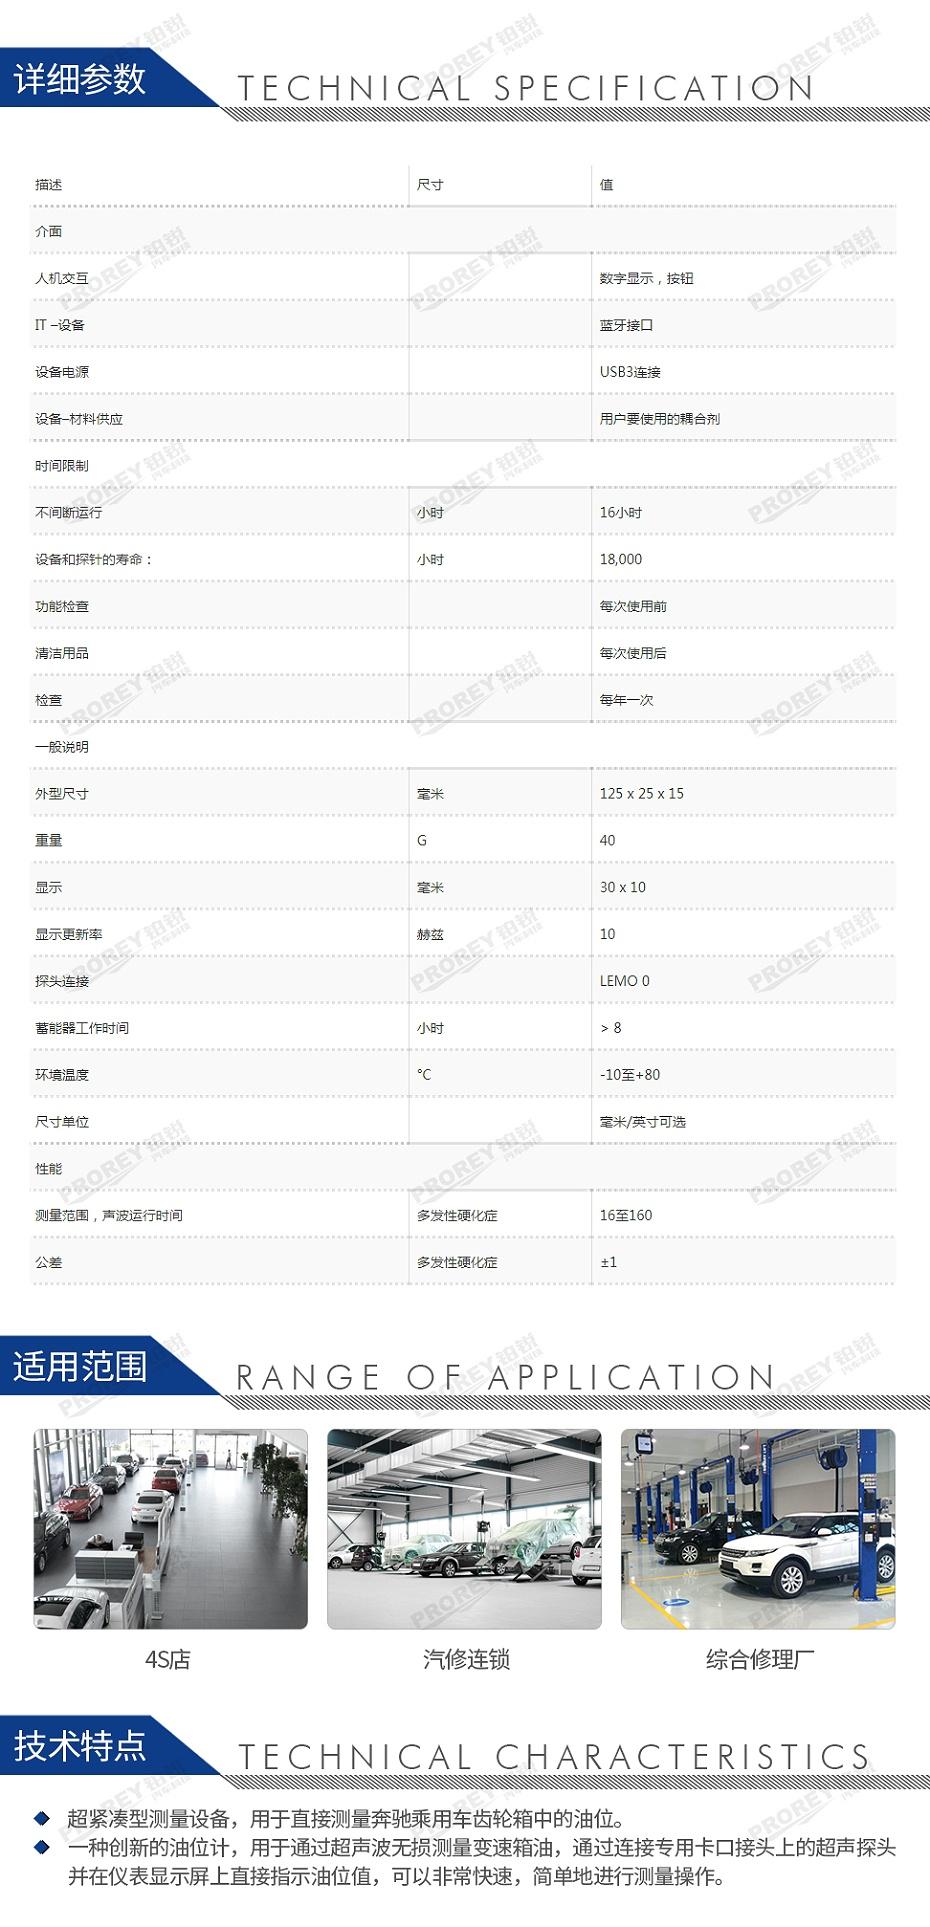 GW-120990119-ACS A1207D 变速箱油液位计-2